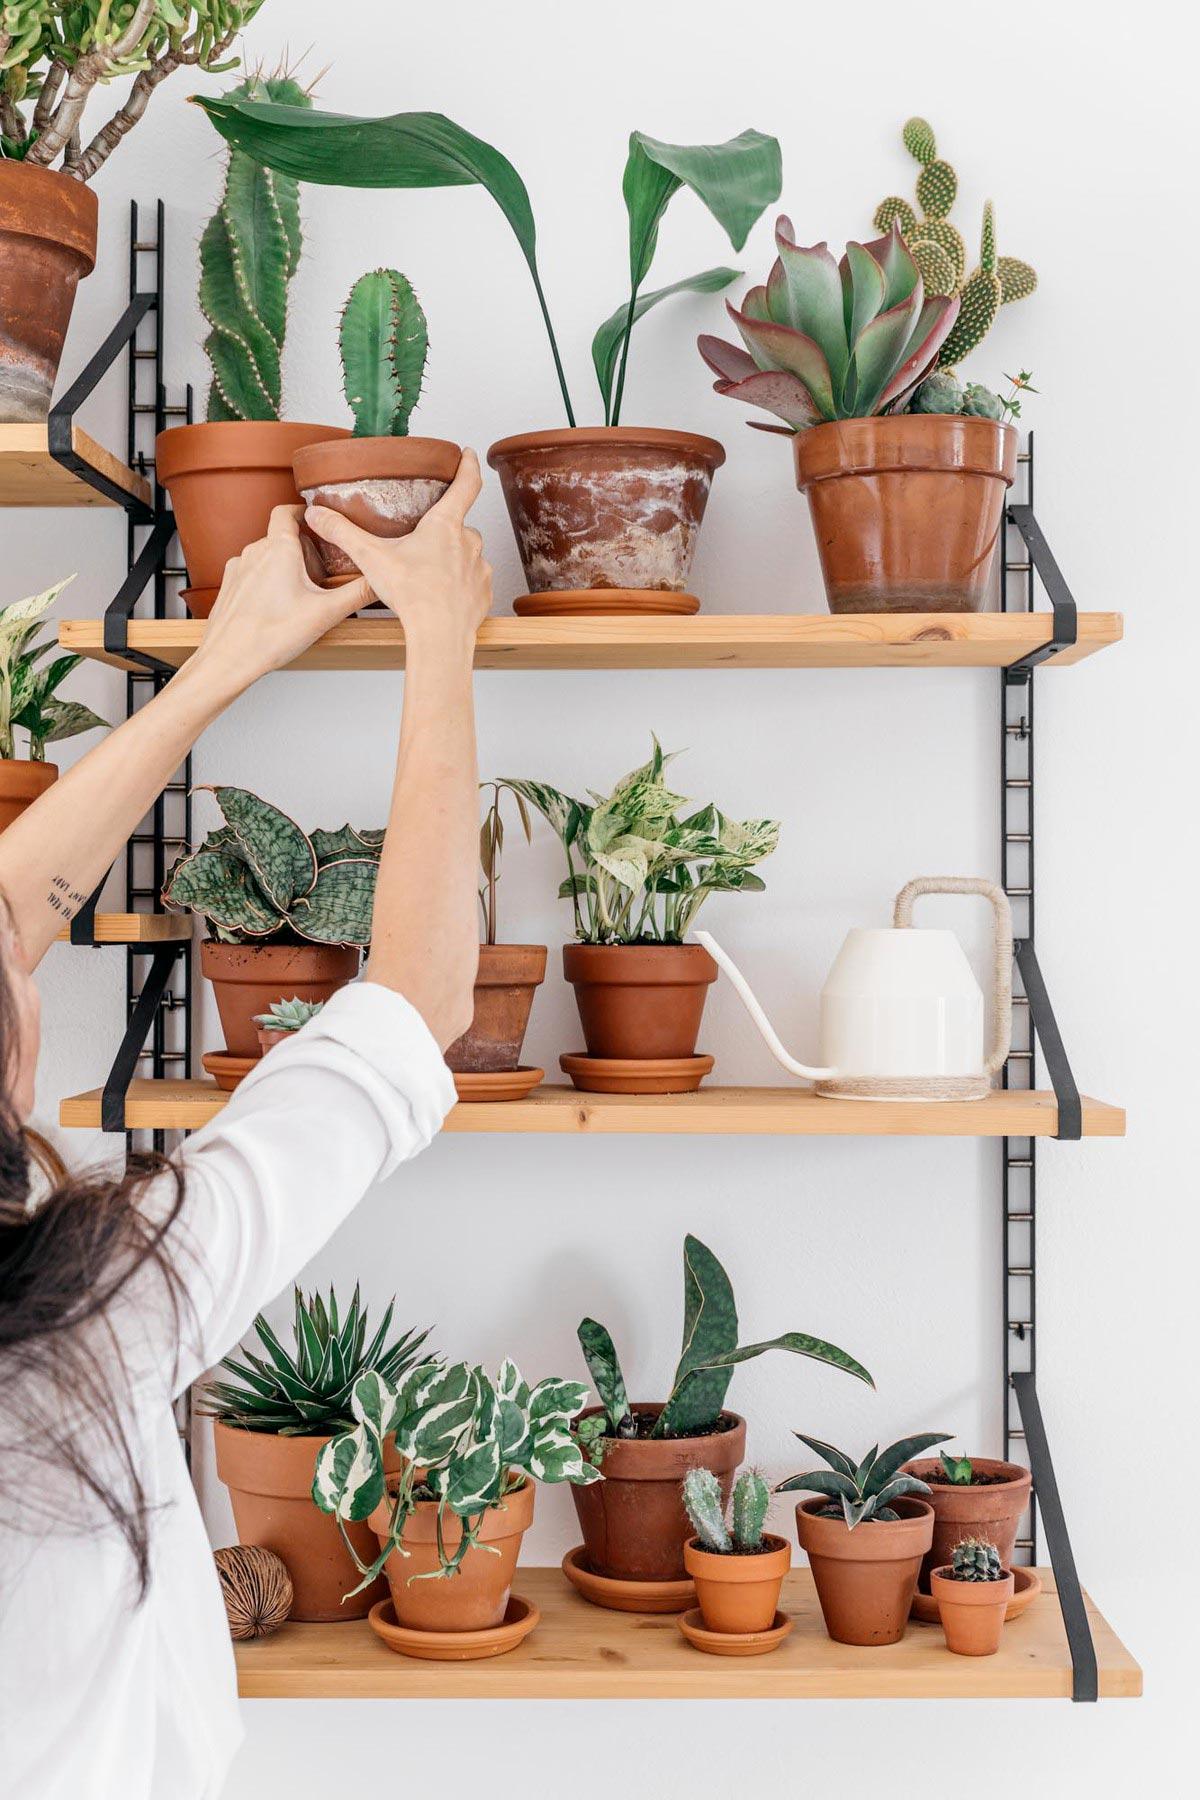 Consulenza di plant design per la tua casa a domicilio